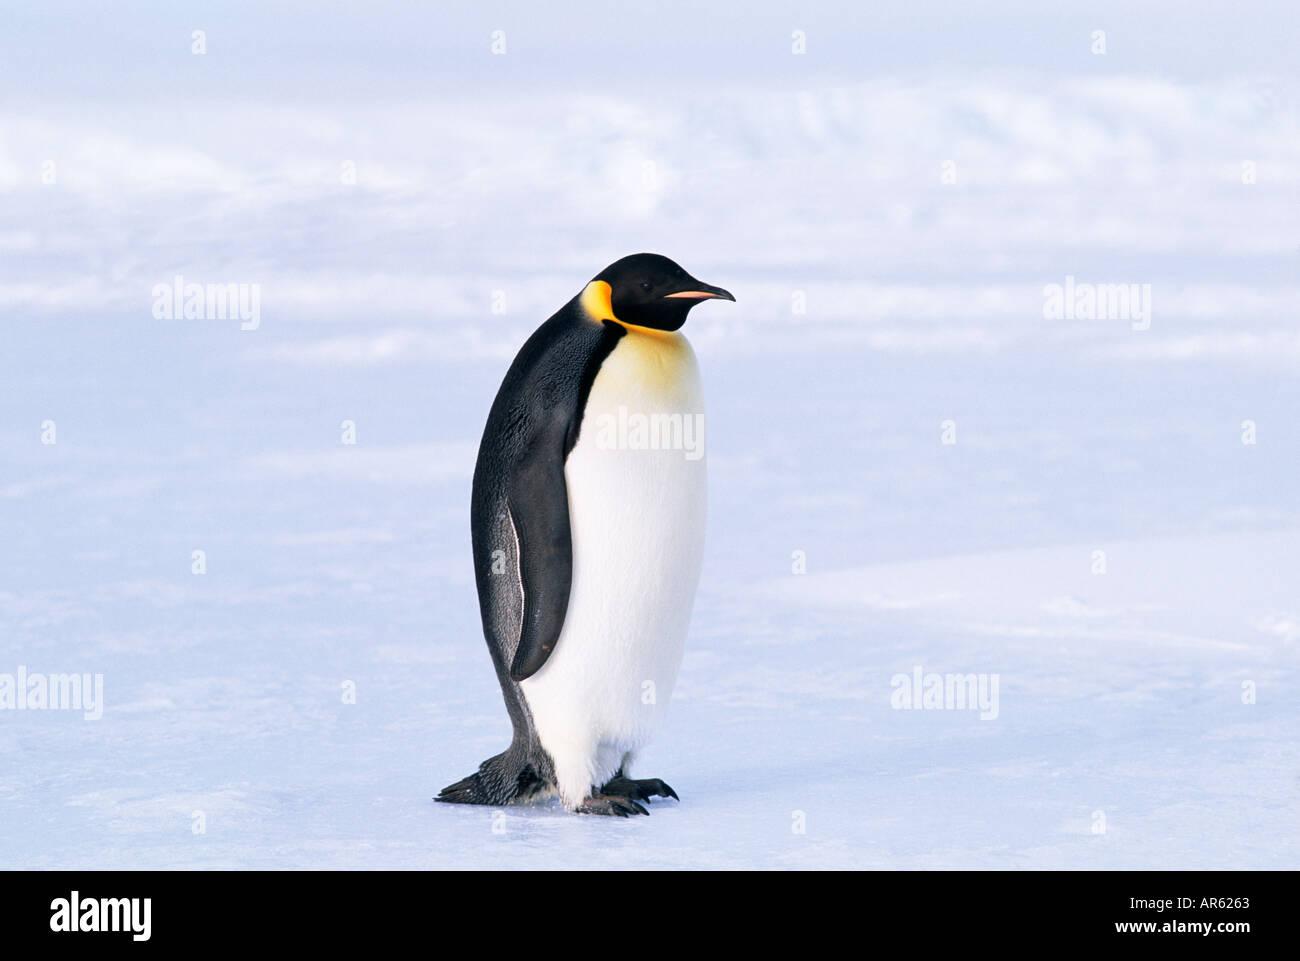 Manchot Empereur Aptenodytes forsteri mer de Weddell, l'Antarctique Novembre Photo Stock